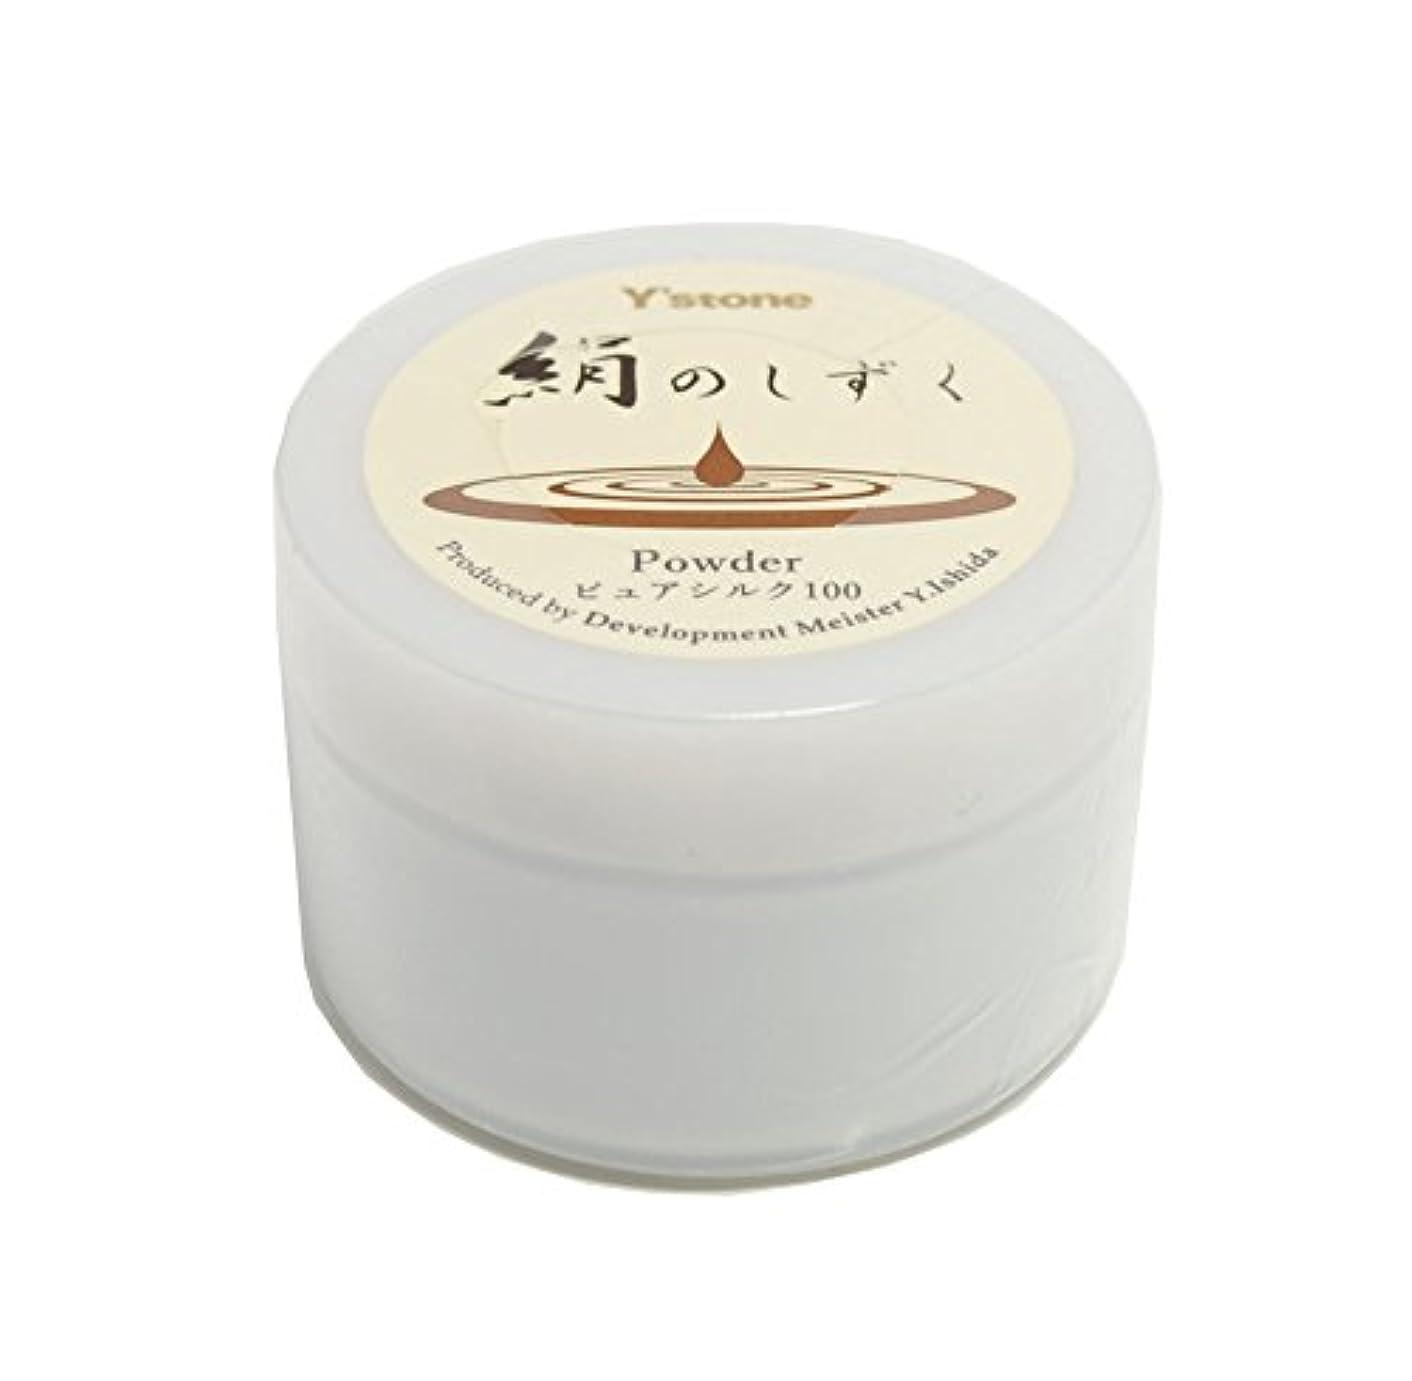 悲しい言語一貫性のない絹のしずく シルクパウダー100 8g 国産シルク100% 使用。シルク(まゆ)を丸ごと使用☆自然の日焼けを防ぐ効果が期待